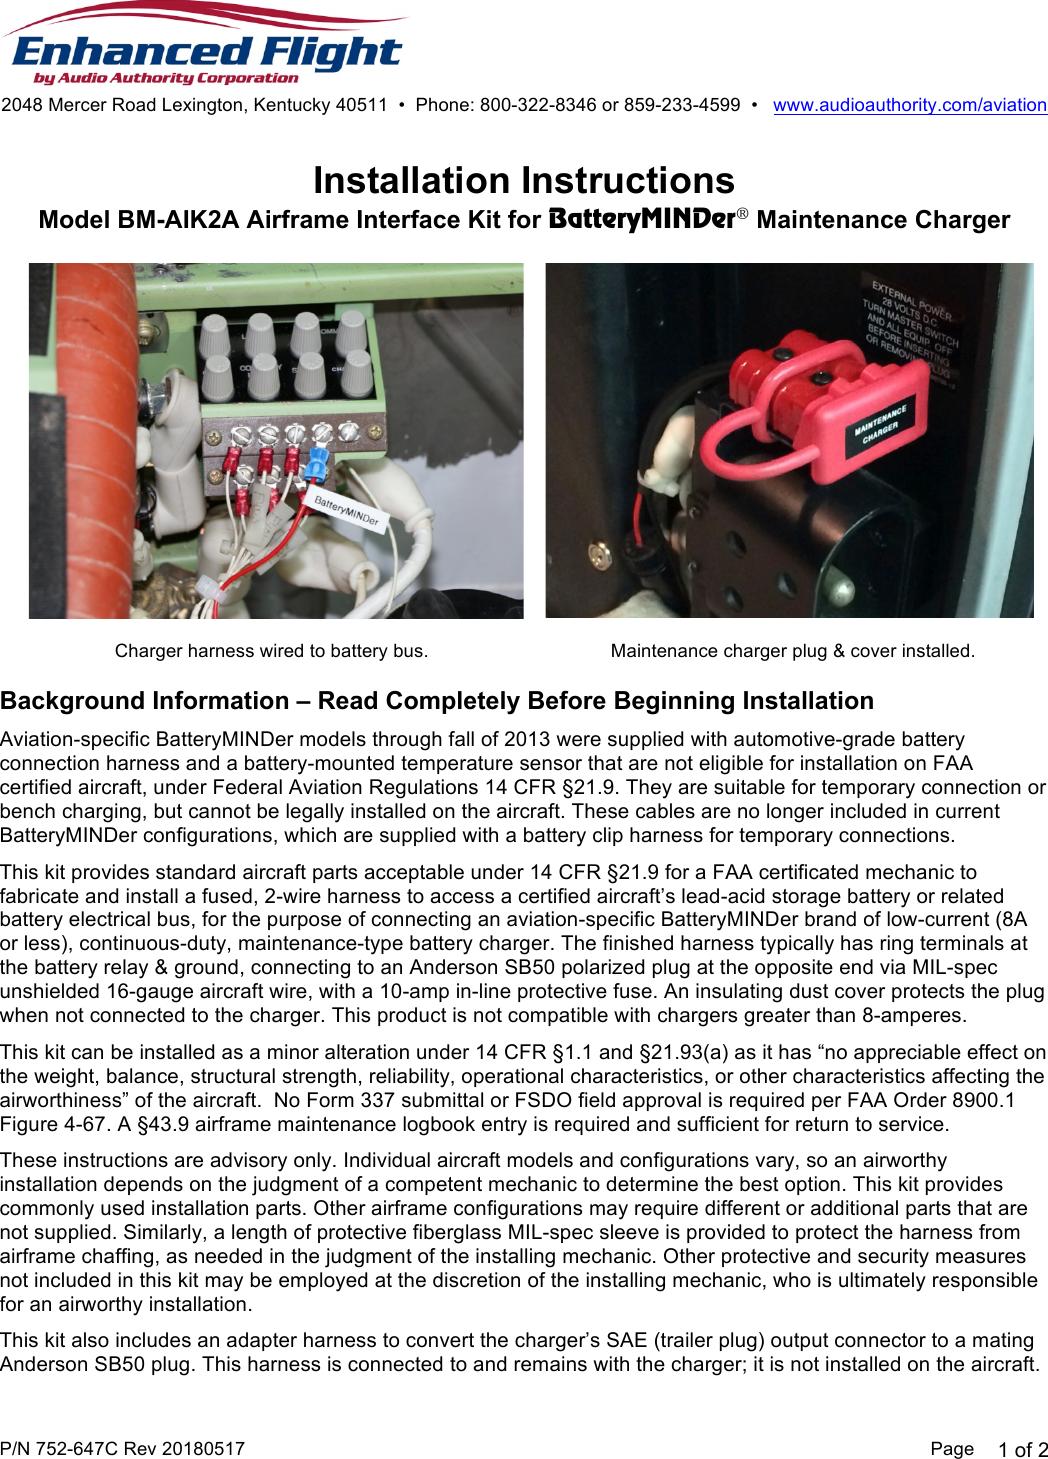 752 647c Bm Aik2a Installation Instructions 20180517 Kentucky Wiring Harness Manual